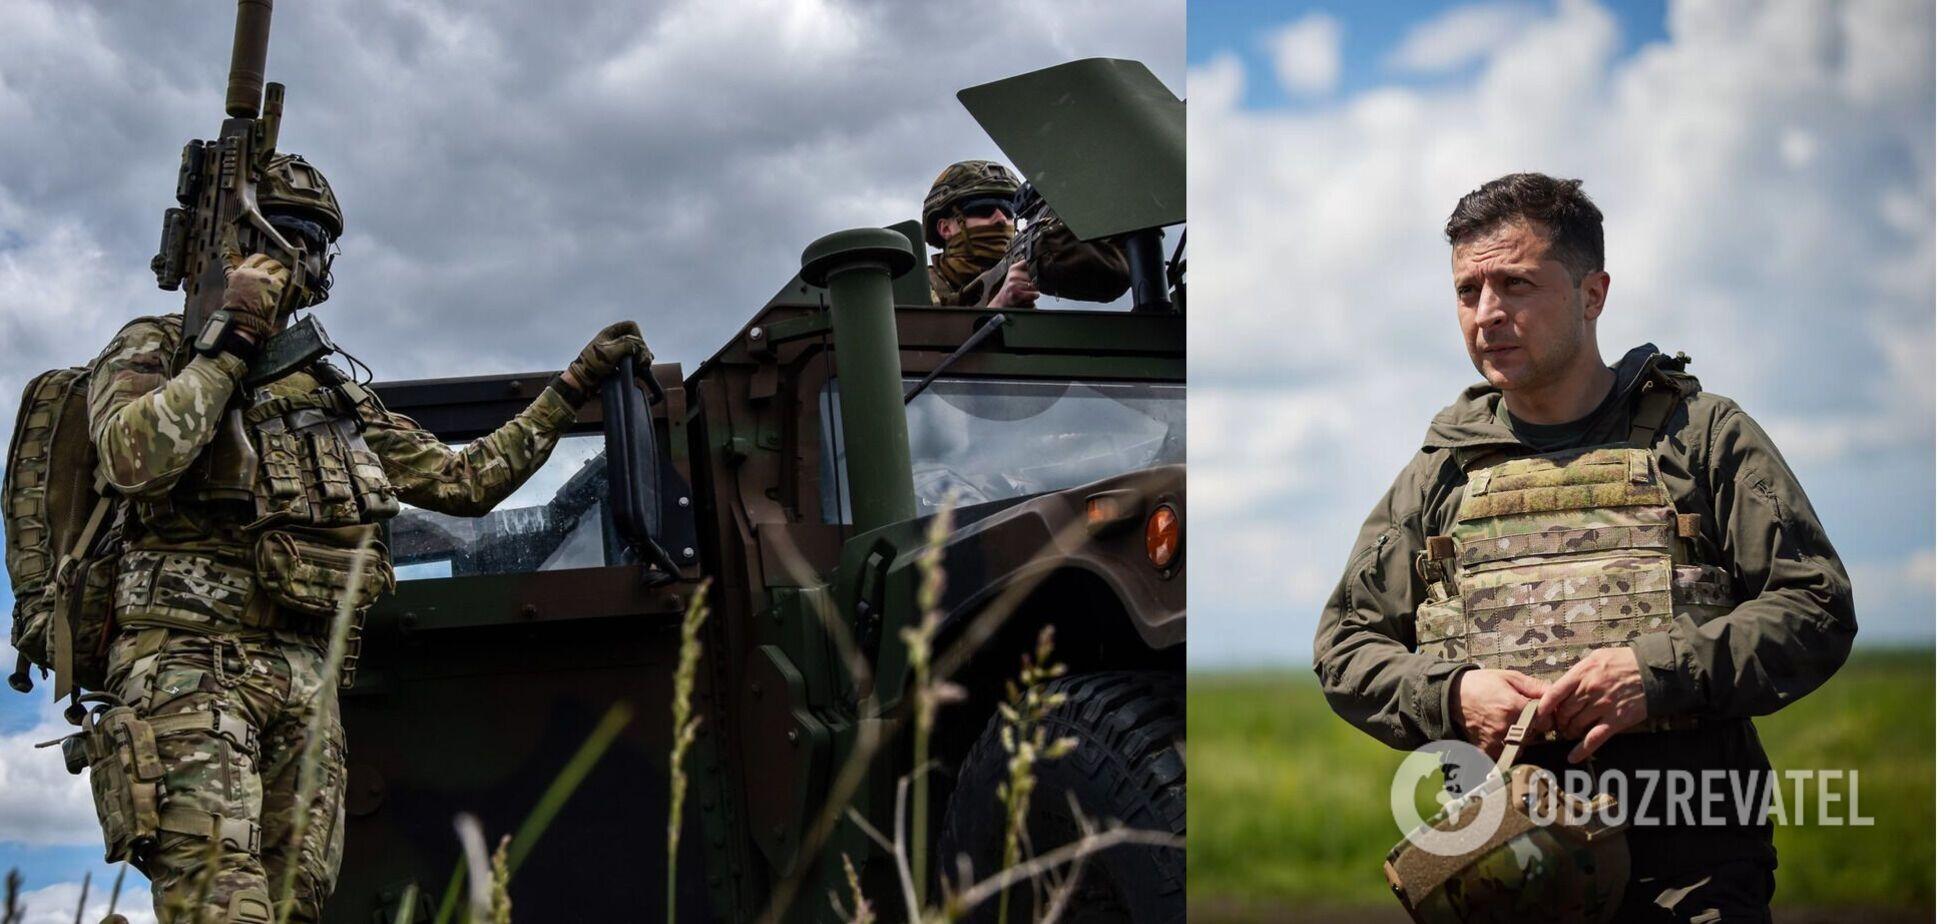 Зеленський – про український спецназ: ви стали гордістю і елітою української армії. Відео